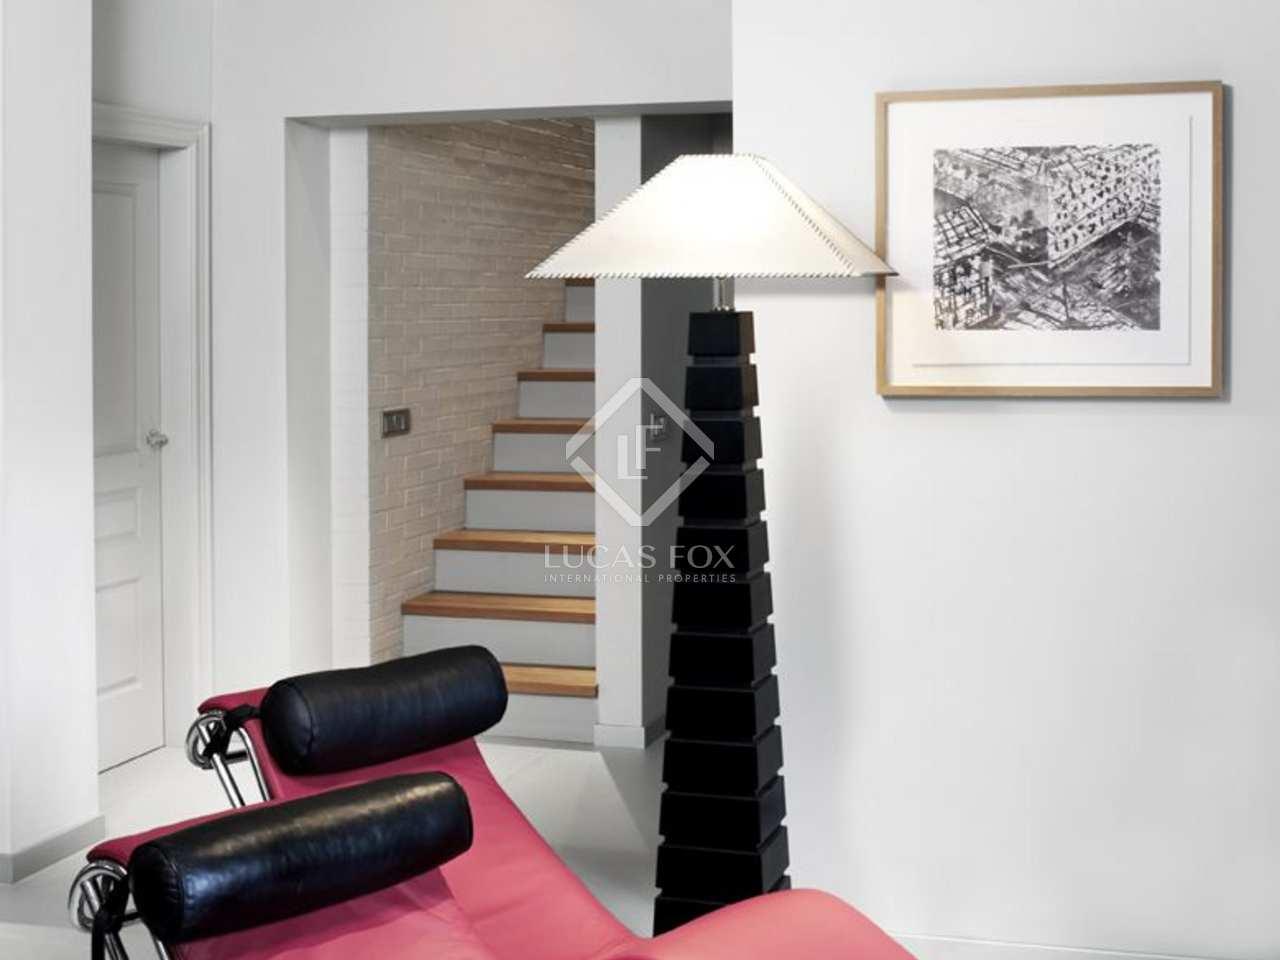 Casa moderna en venta en sant cugat valldoreix for Casa moderna 9 mirote y blancana